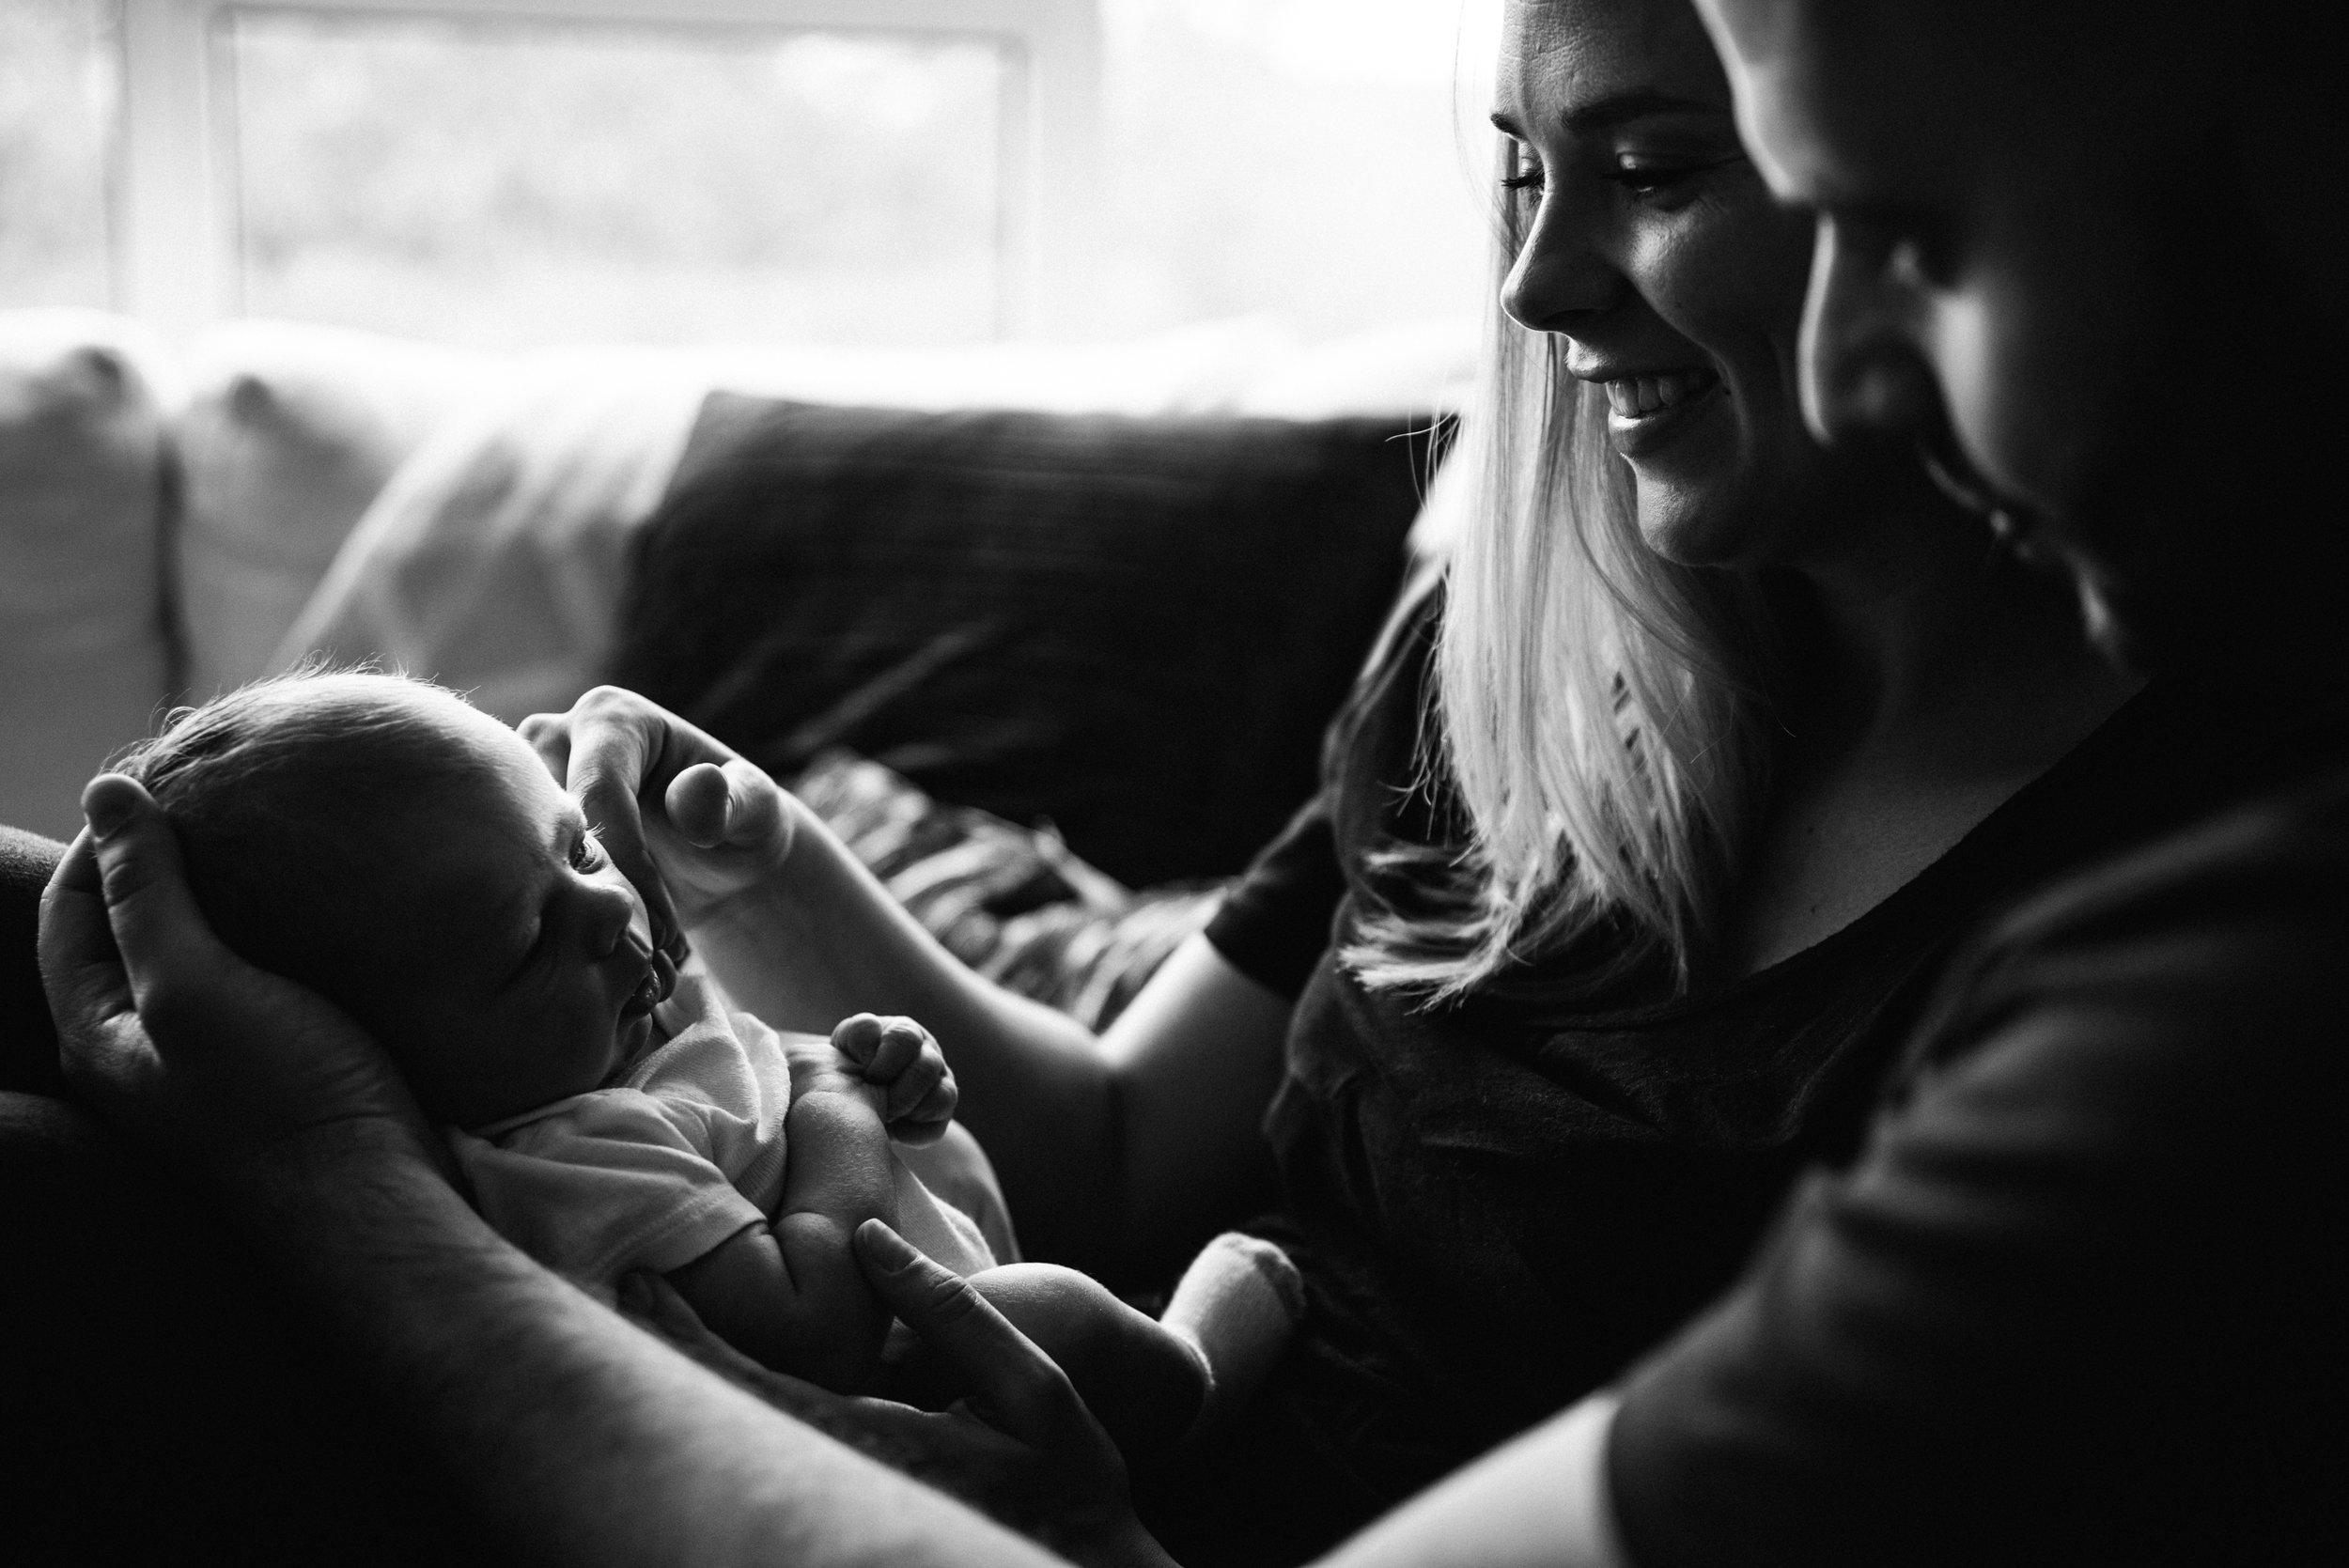 026-photo-noir-et-blanc-de-nouveaux-parents-qui-admirent-leur-bebe-assis-sur-leurs-genoux-photographe-lifestyle-famille-et-nouveau-ne-a-montreal-marianne-charland-088.jpg